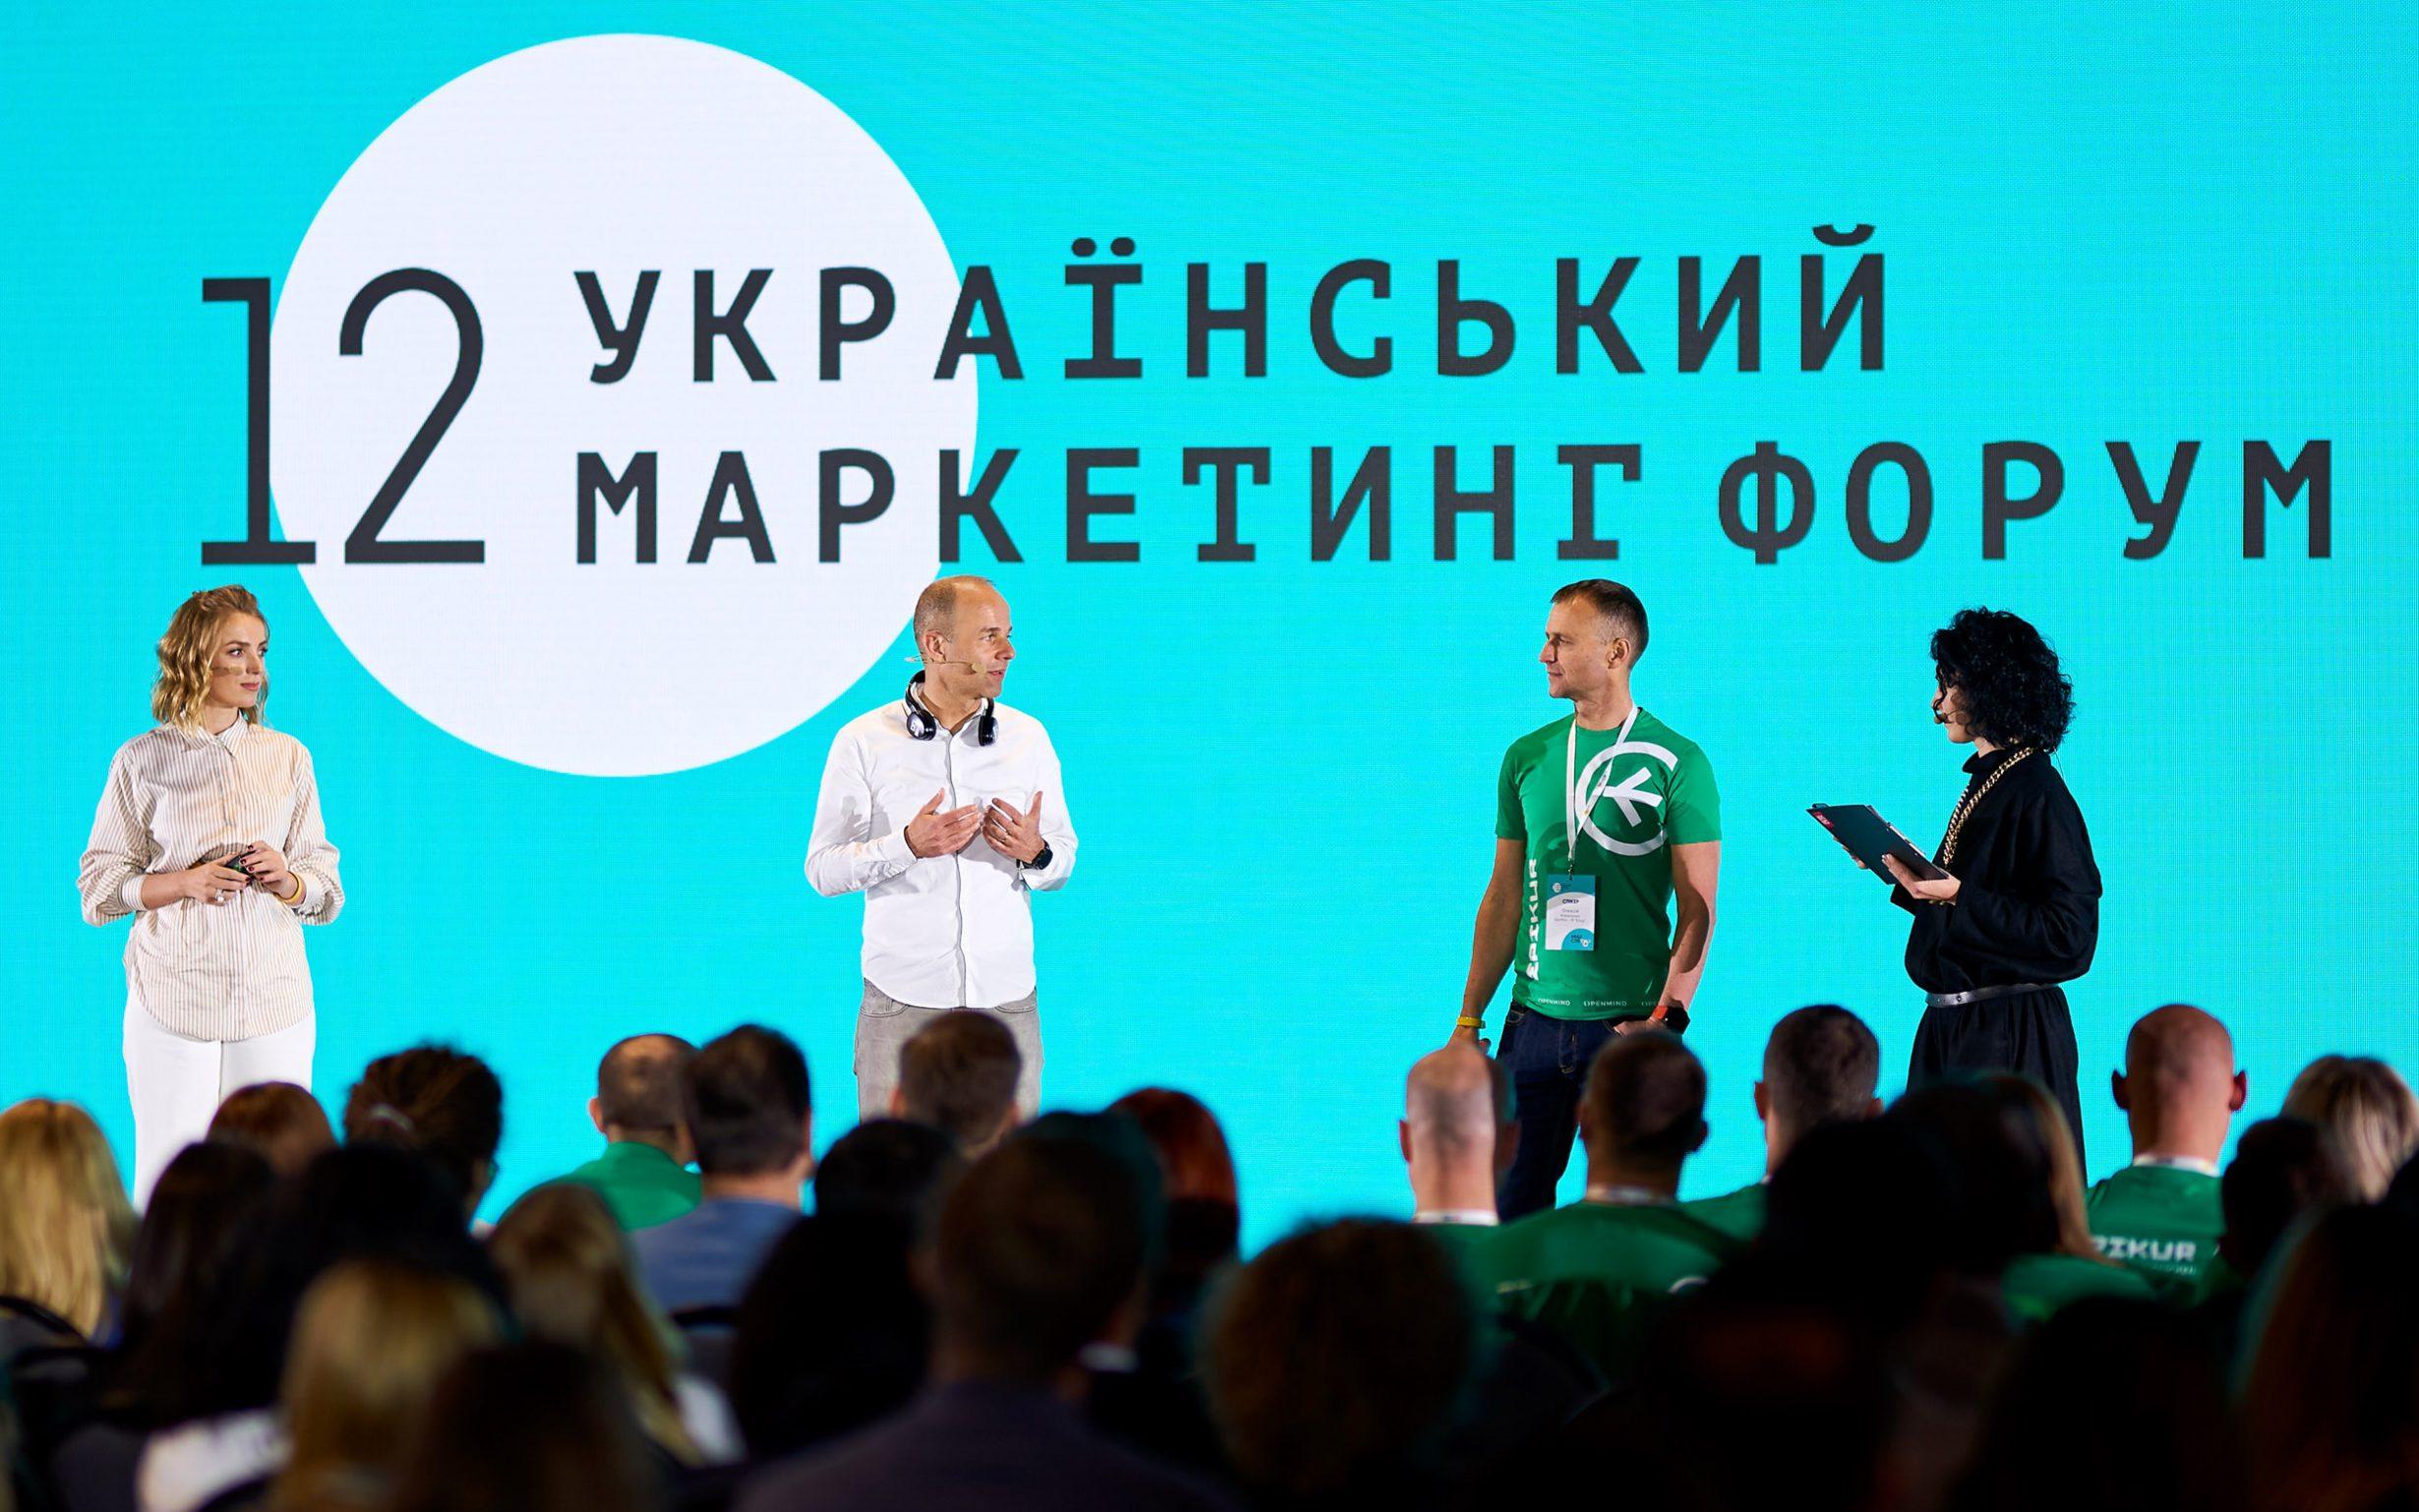 A keynote in Kiev